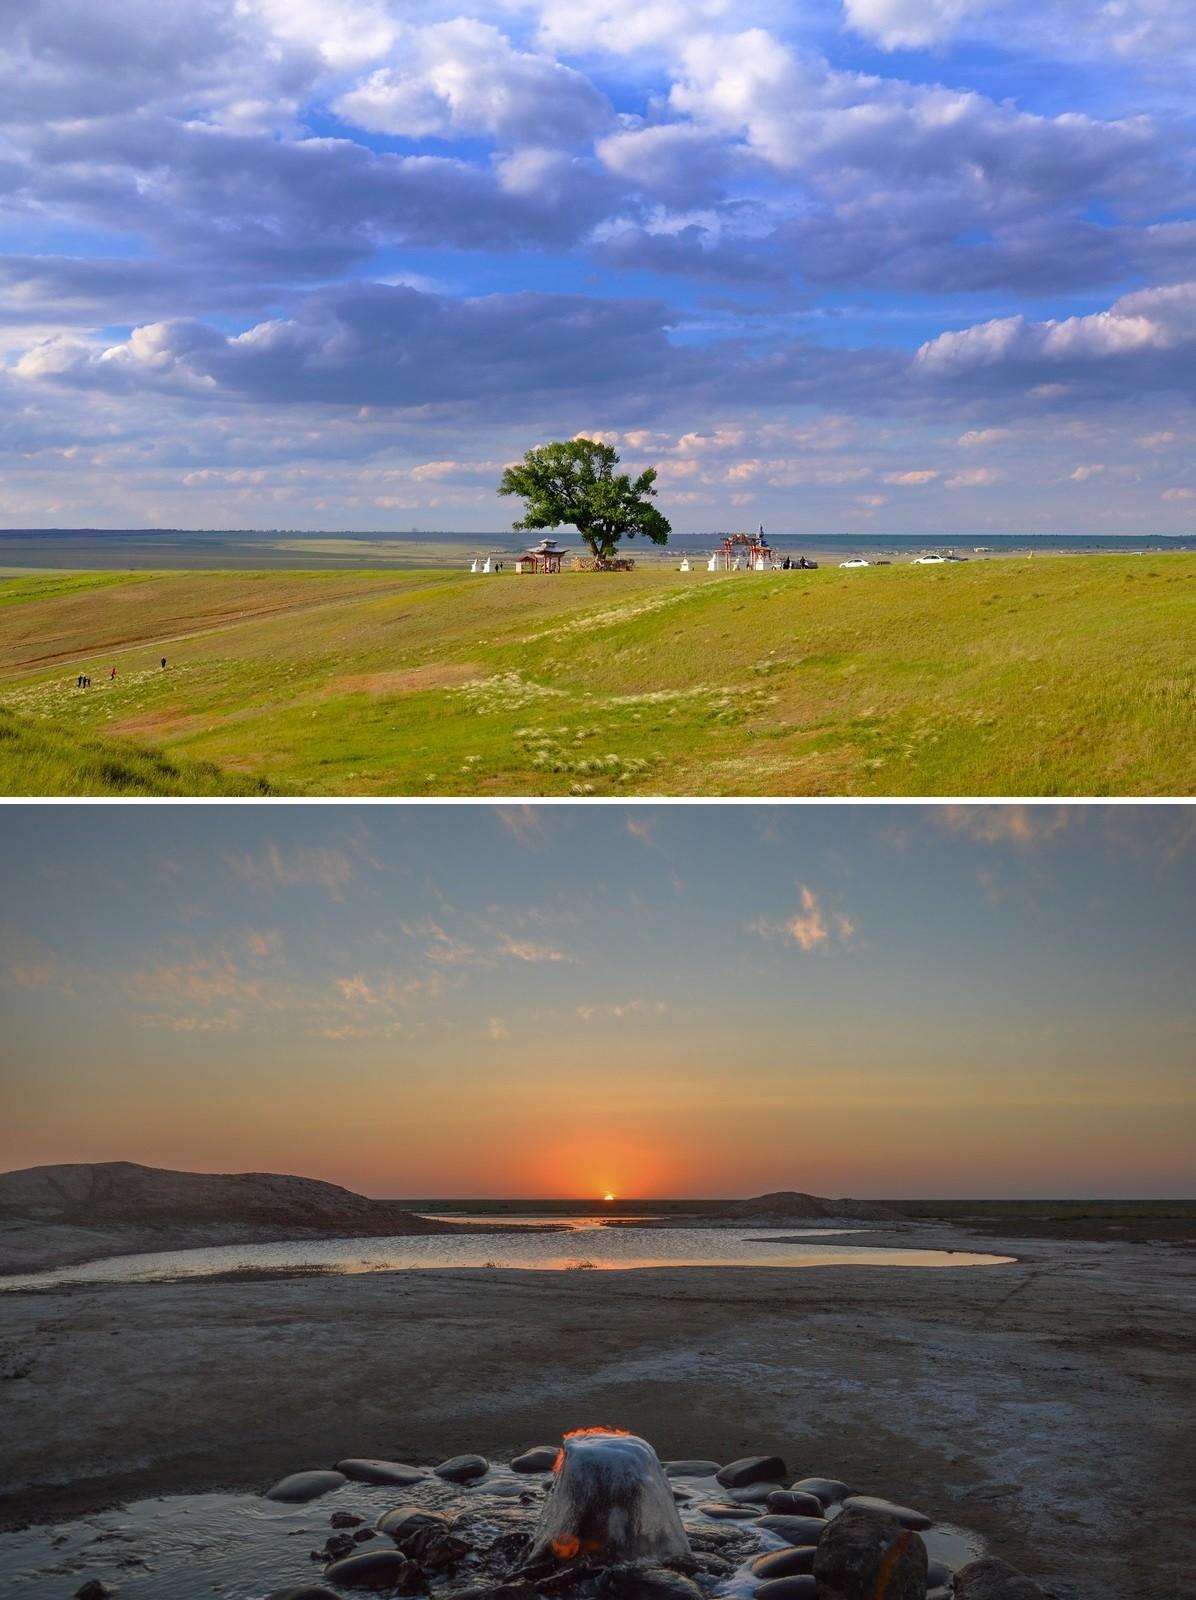 Planté par un moine bouddhiste en 1846, le « Peuplier solitaire » domine la steppe kalmouke. Sur la deuxième photo: une source d'eau salée émettant également du gaz, ce qui permet de l'enflammer et d'y passer la main sans se brûler. Assistez en vidéo à ce phénomène en suivant le lien ci-dessous.